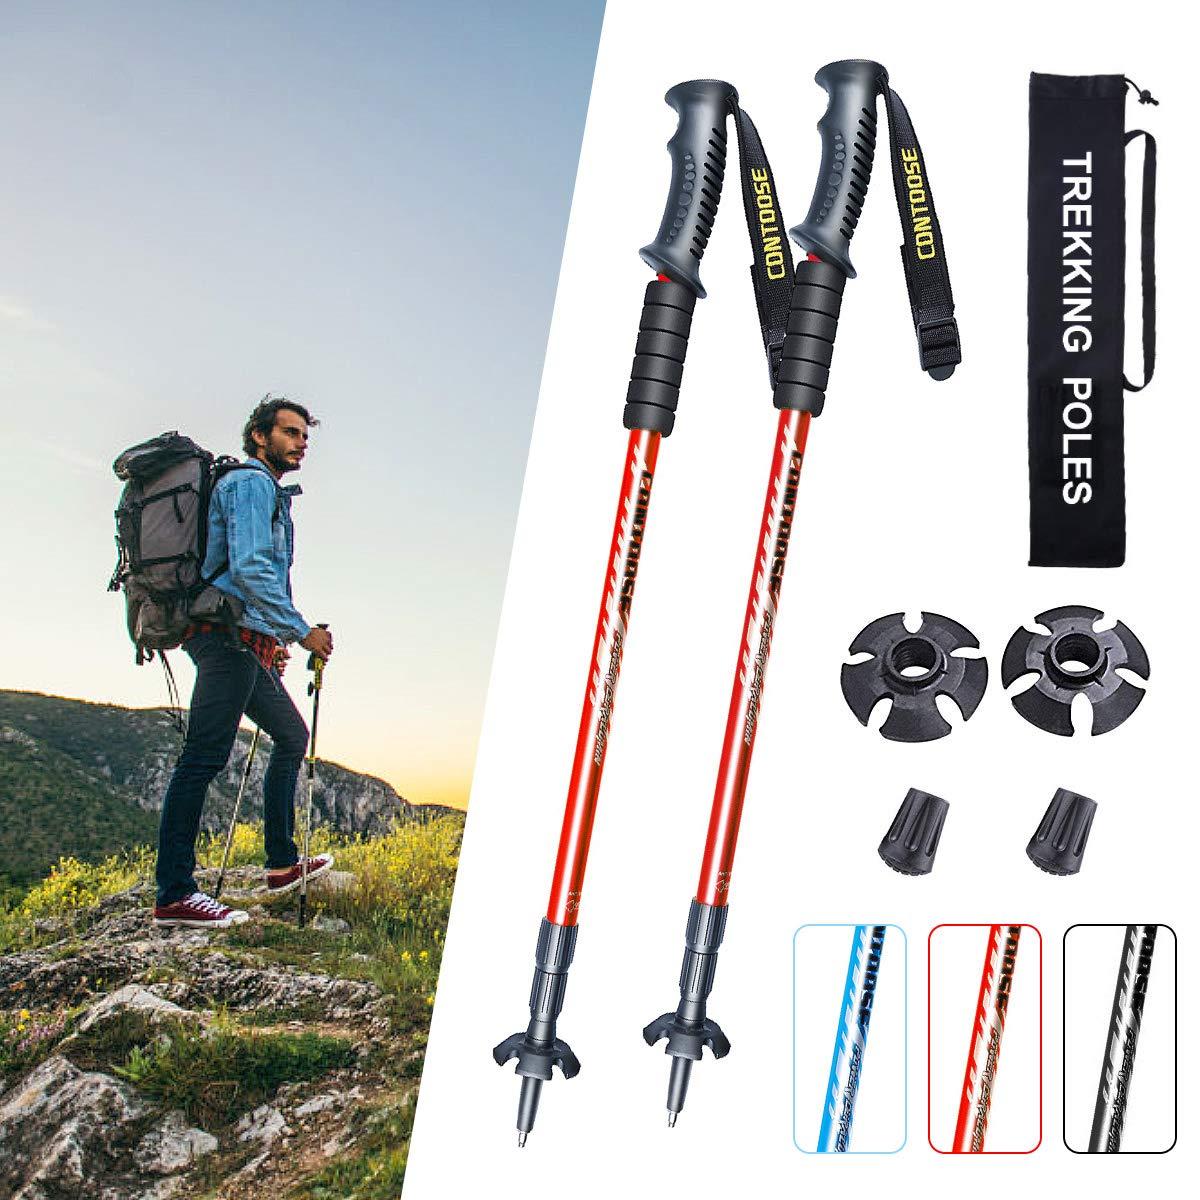 XJDトレッキングポール登山用ストック2本セット3段伸縮65~135cmアルミ製アンチショック機能付・付属品・日本語説明書付き